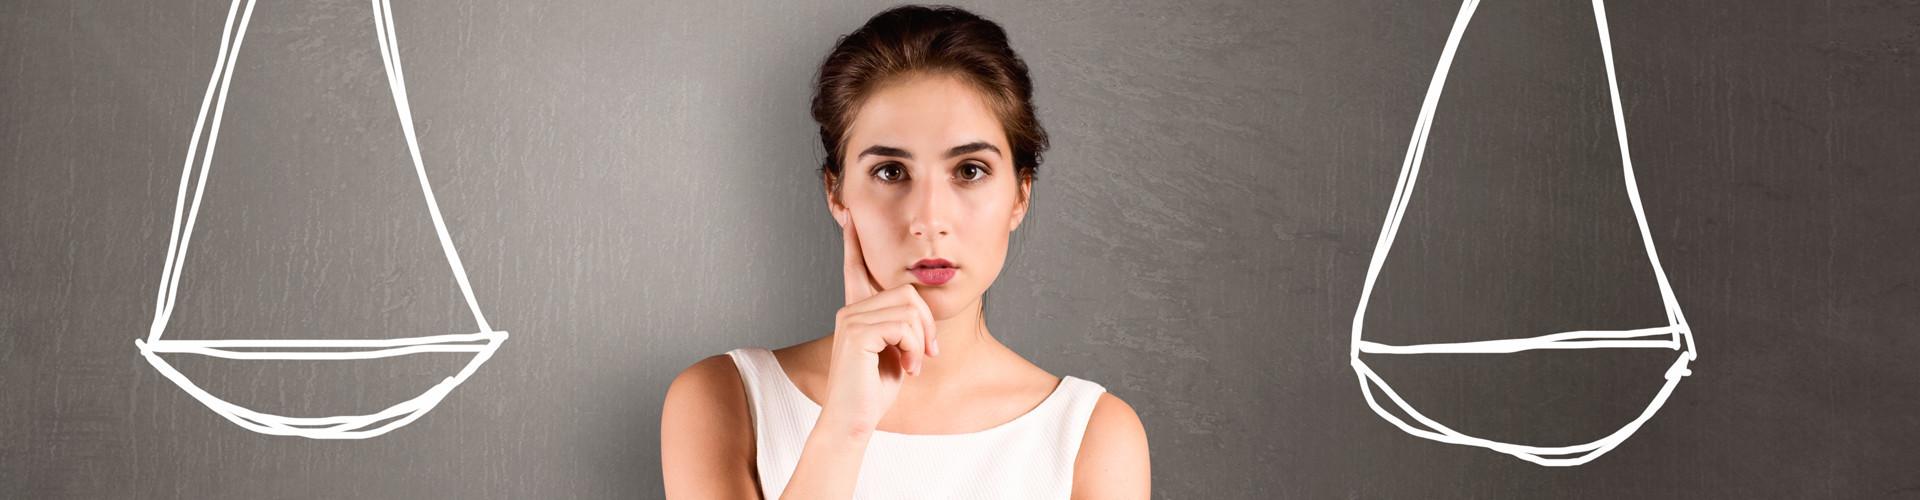 Junge Frau steht nachdenklich zwischen zwei Waagschalen, die an eine Tafel hinter ihr gemalt sind © lassedesignen, stock.adobe.com